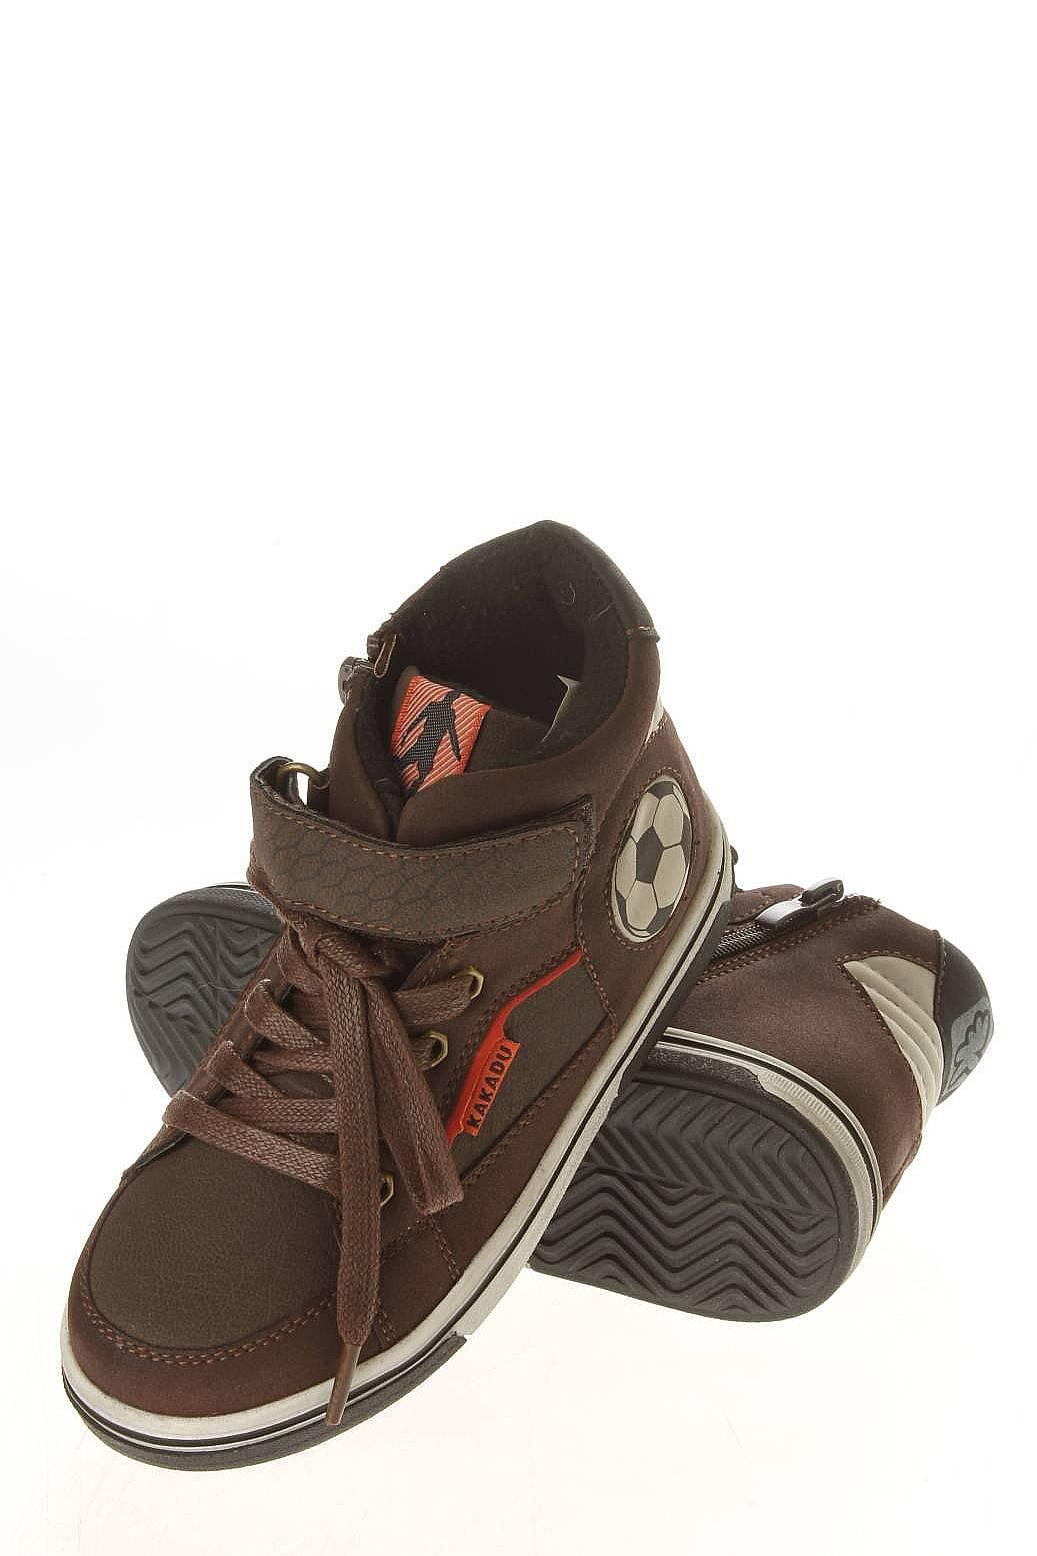 Мужская Обувь Детская Обувь Ботинки: Kakadu Обувь